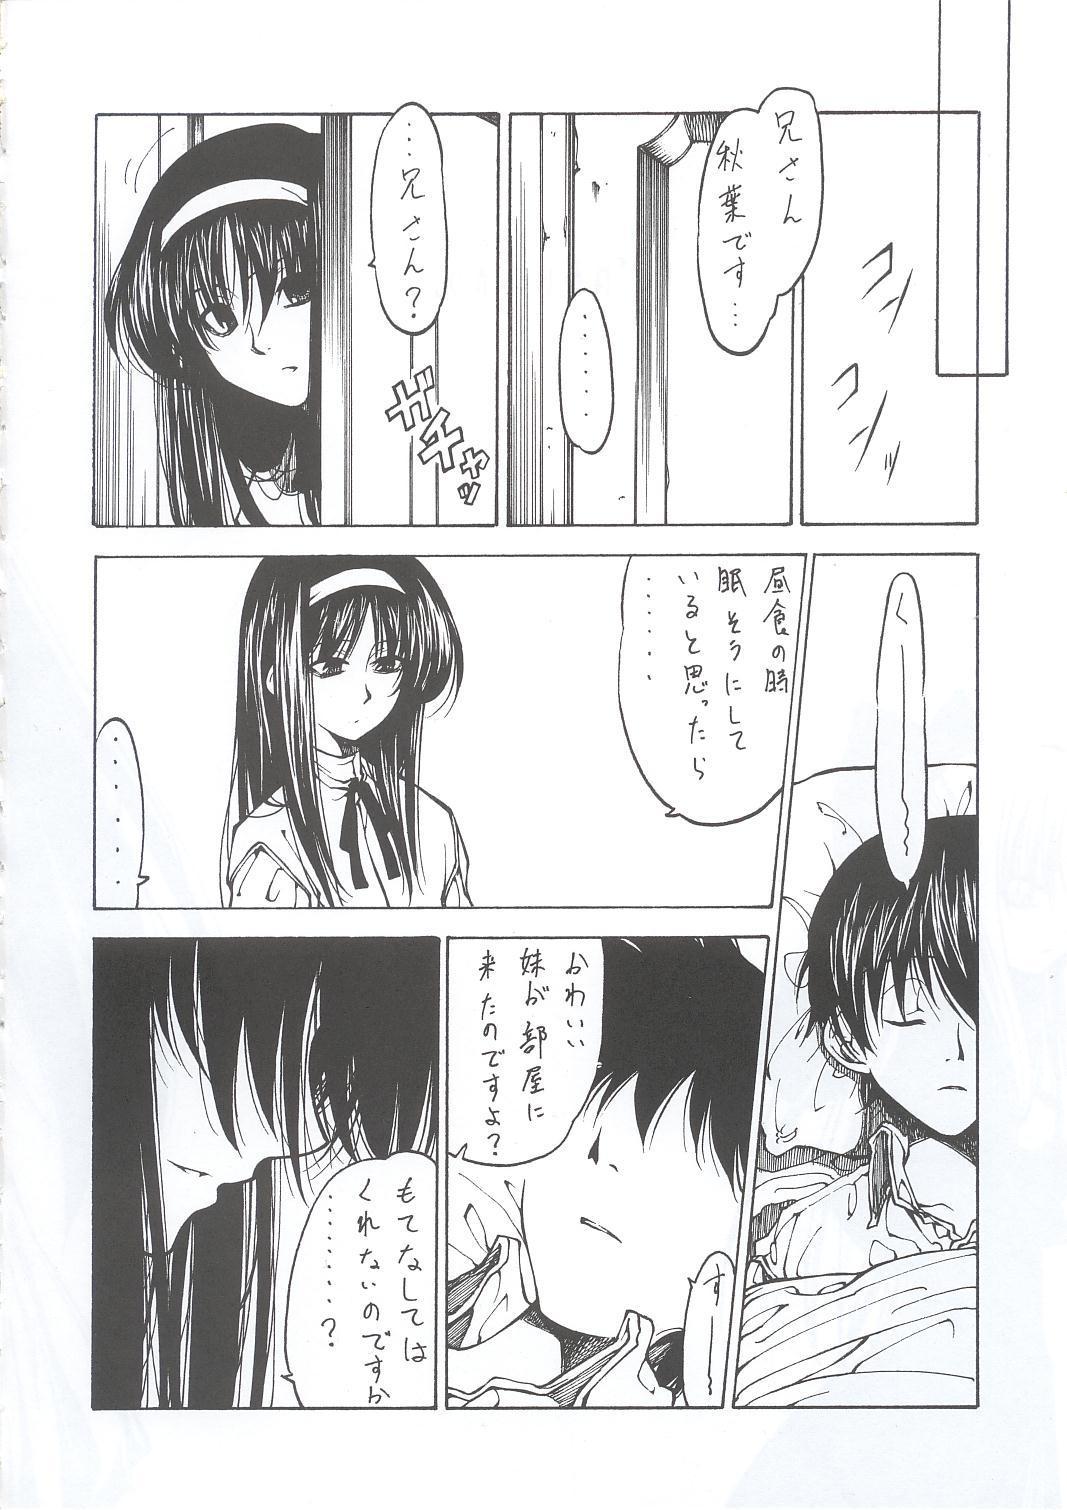 Tsukiyo ni Futari 2